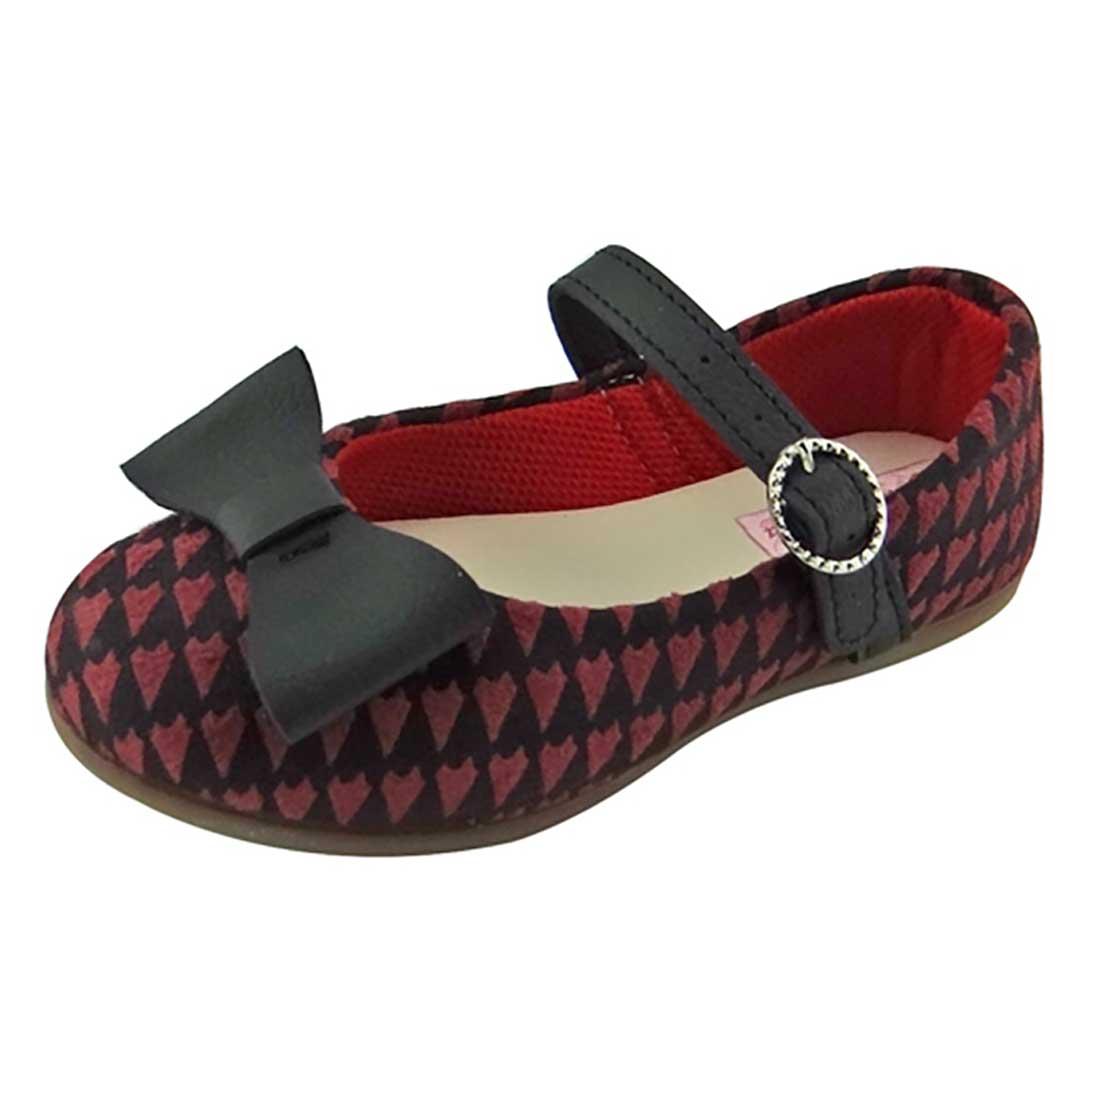 Sapato Boneca Baby com Laço - Preto e Vinho